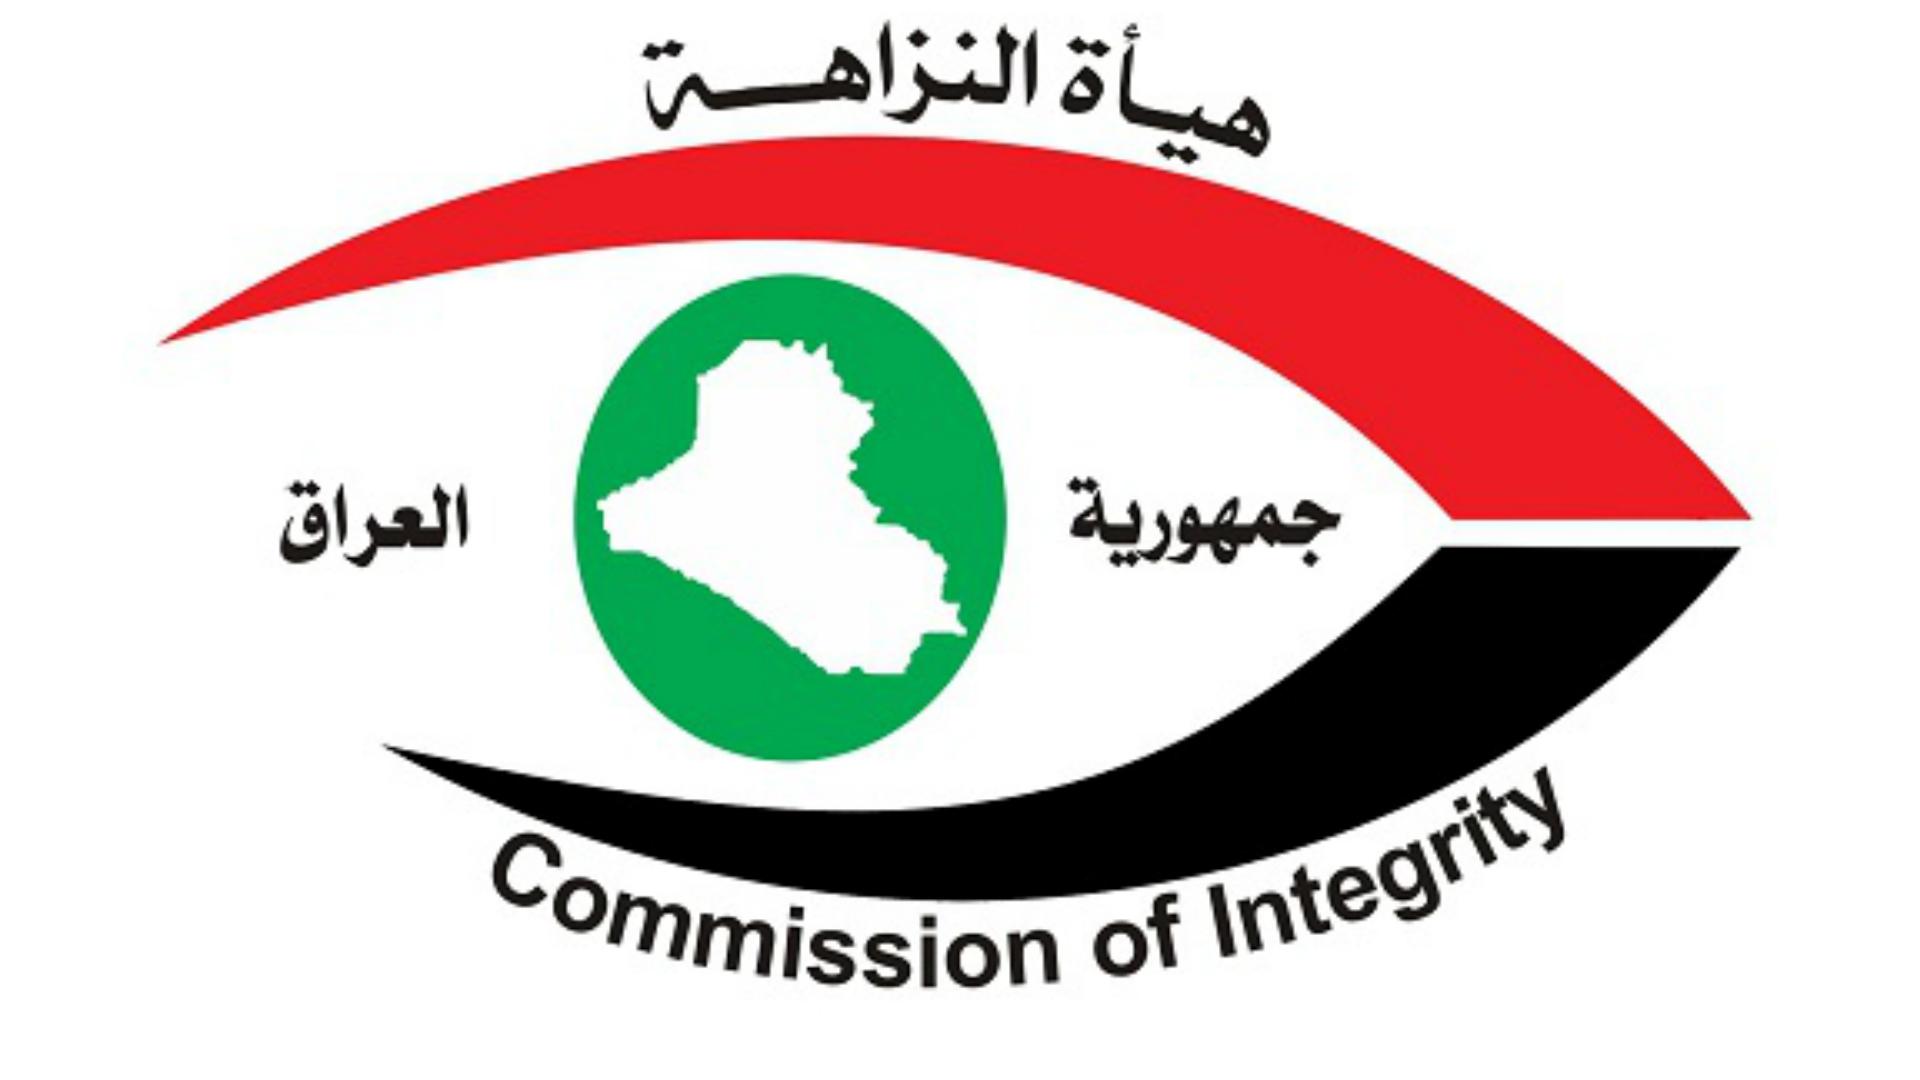 استقدام أعضاء بلجنة توزيع رواتب الصحوات بتهمة الاختلاس